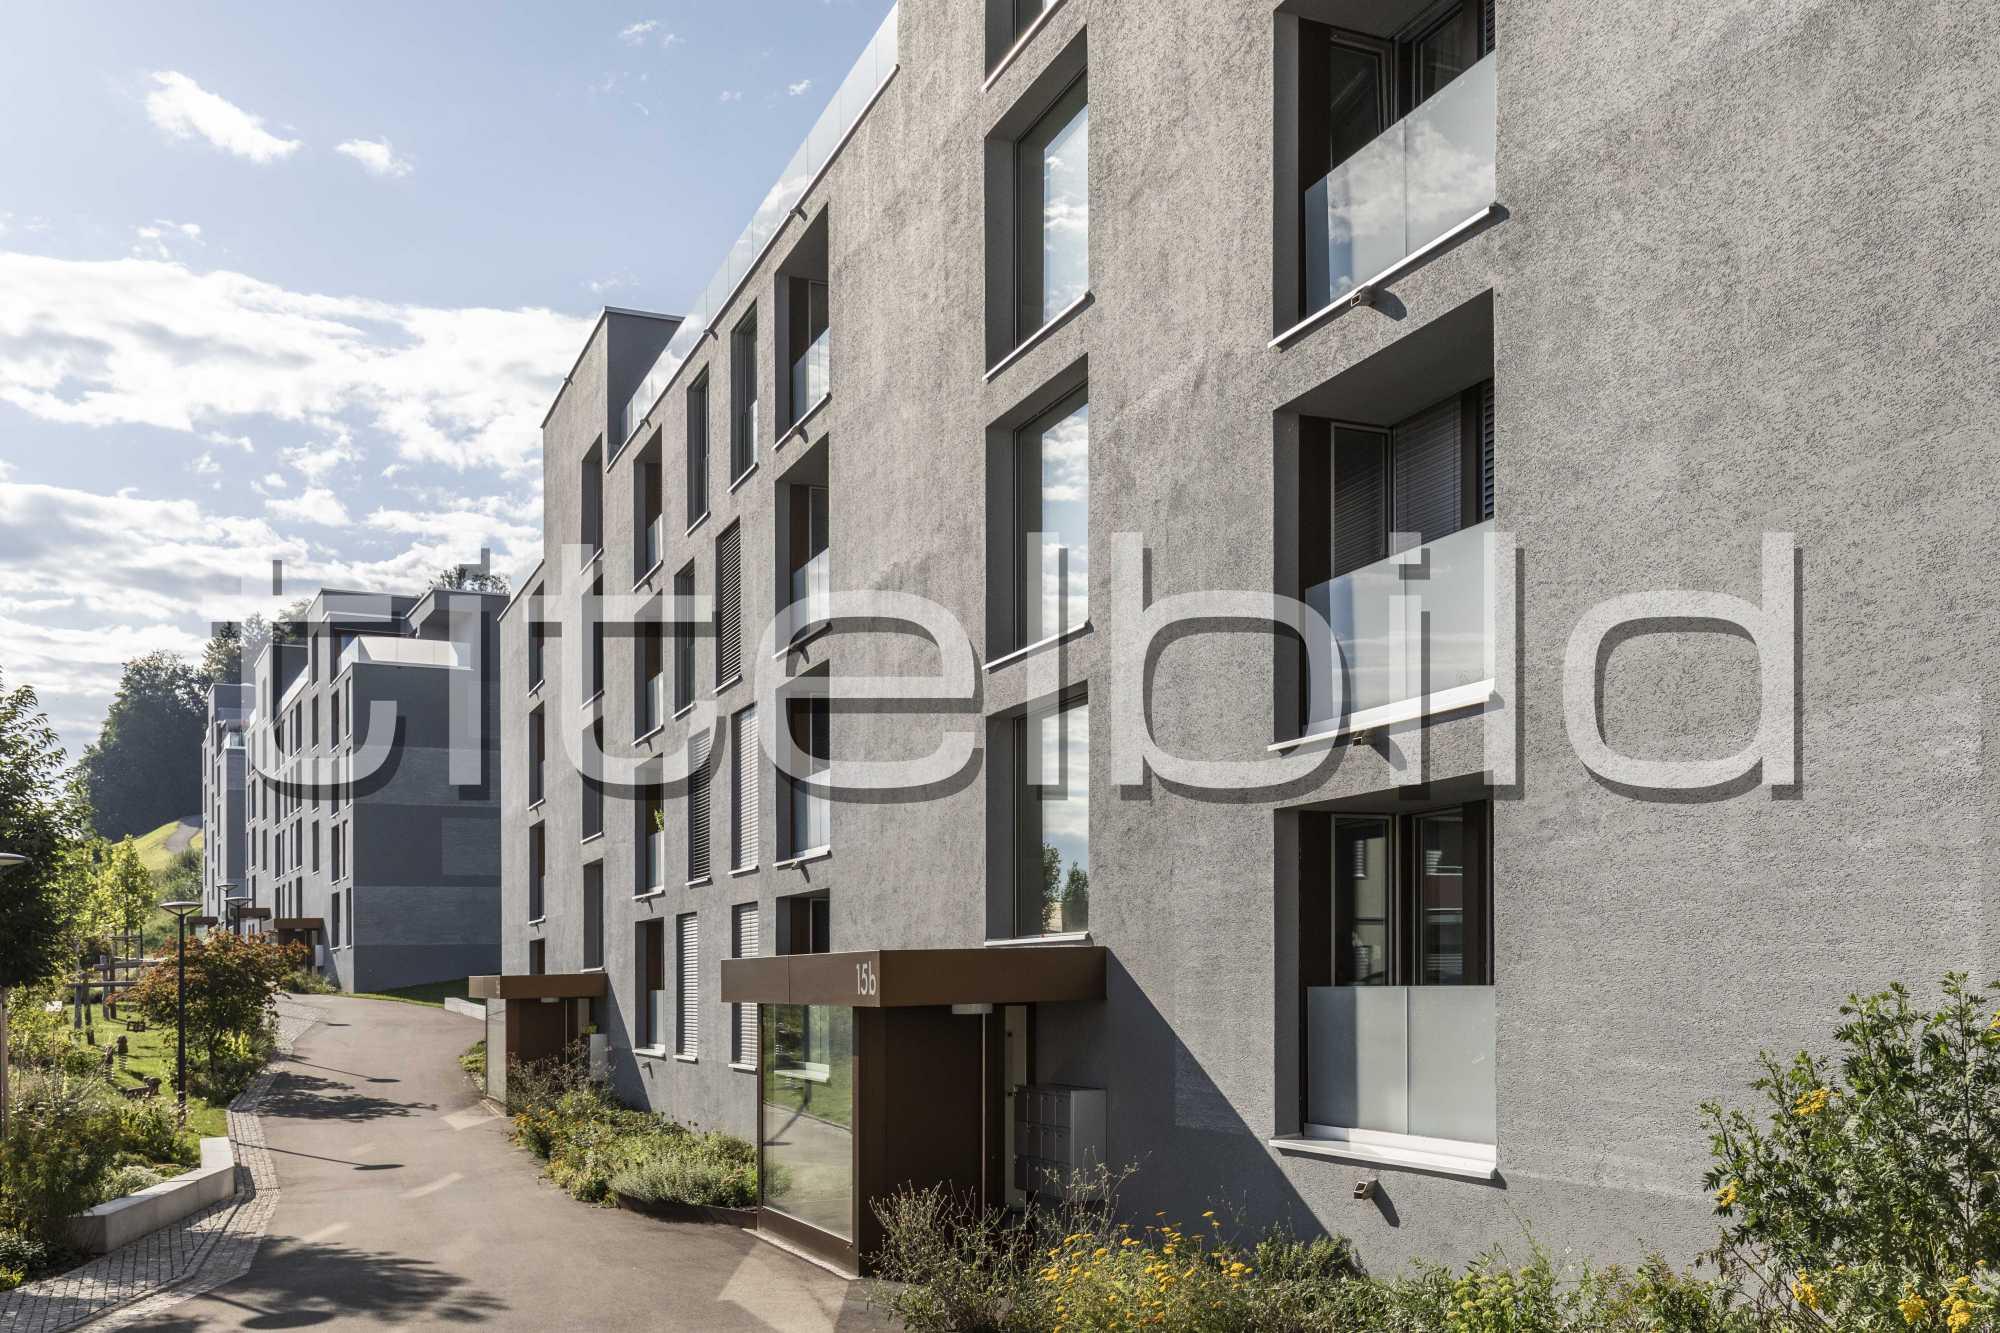 Projektbild-Nr. 3: Wohnüberbauung Talstrasse